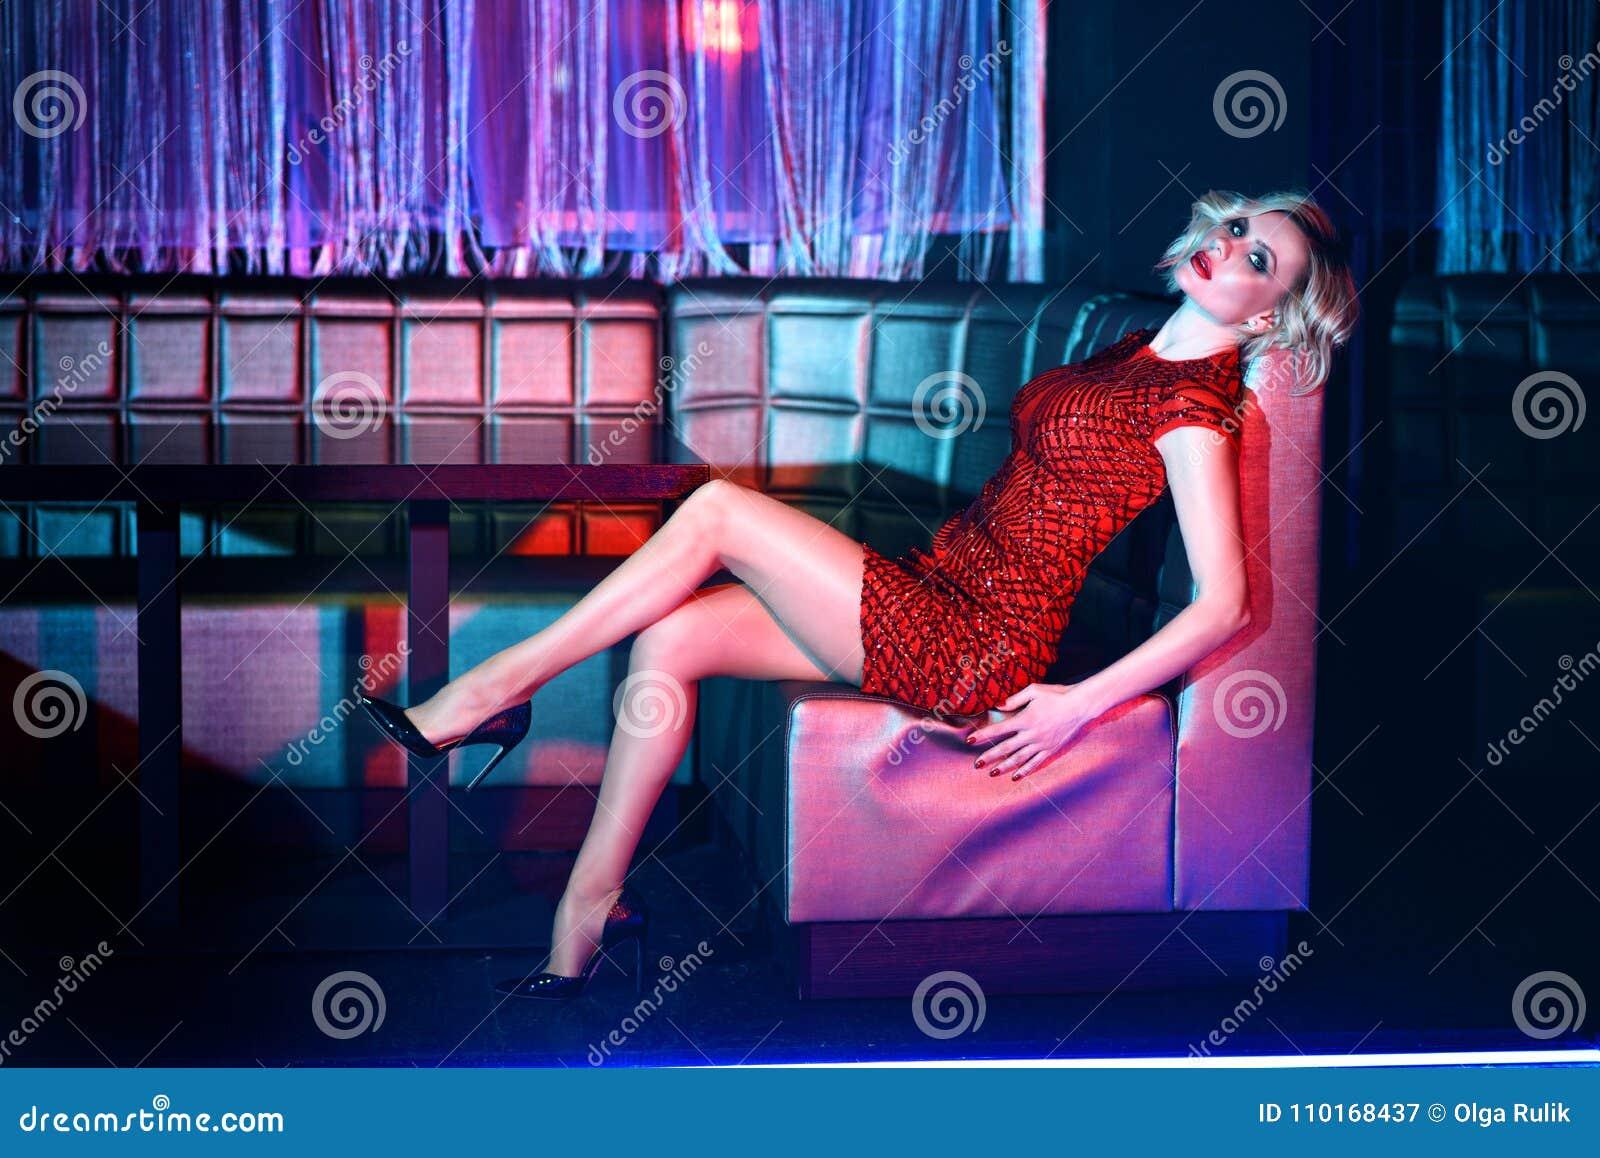 Bello modello biondo in breve vestito misura rosso dallo zecchino che si rilassa sul sofà quadrato in night-club